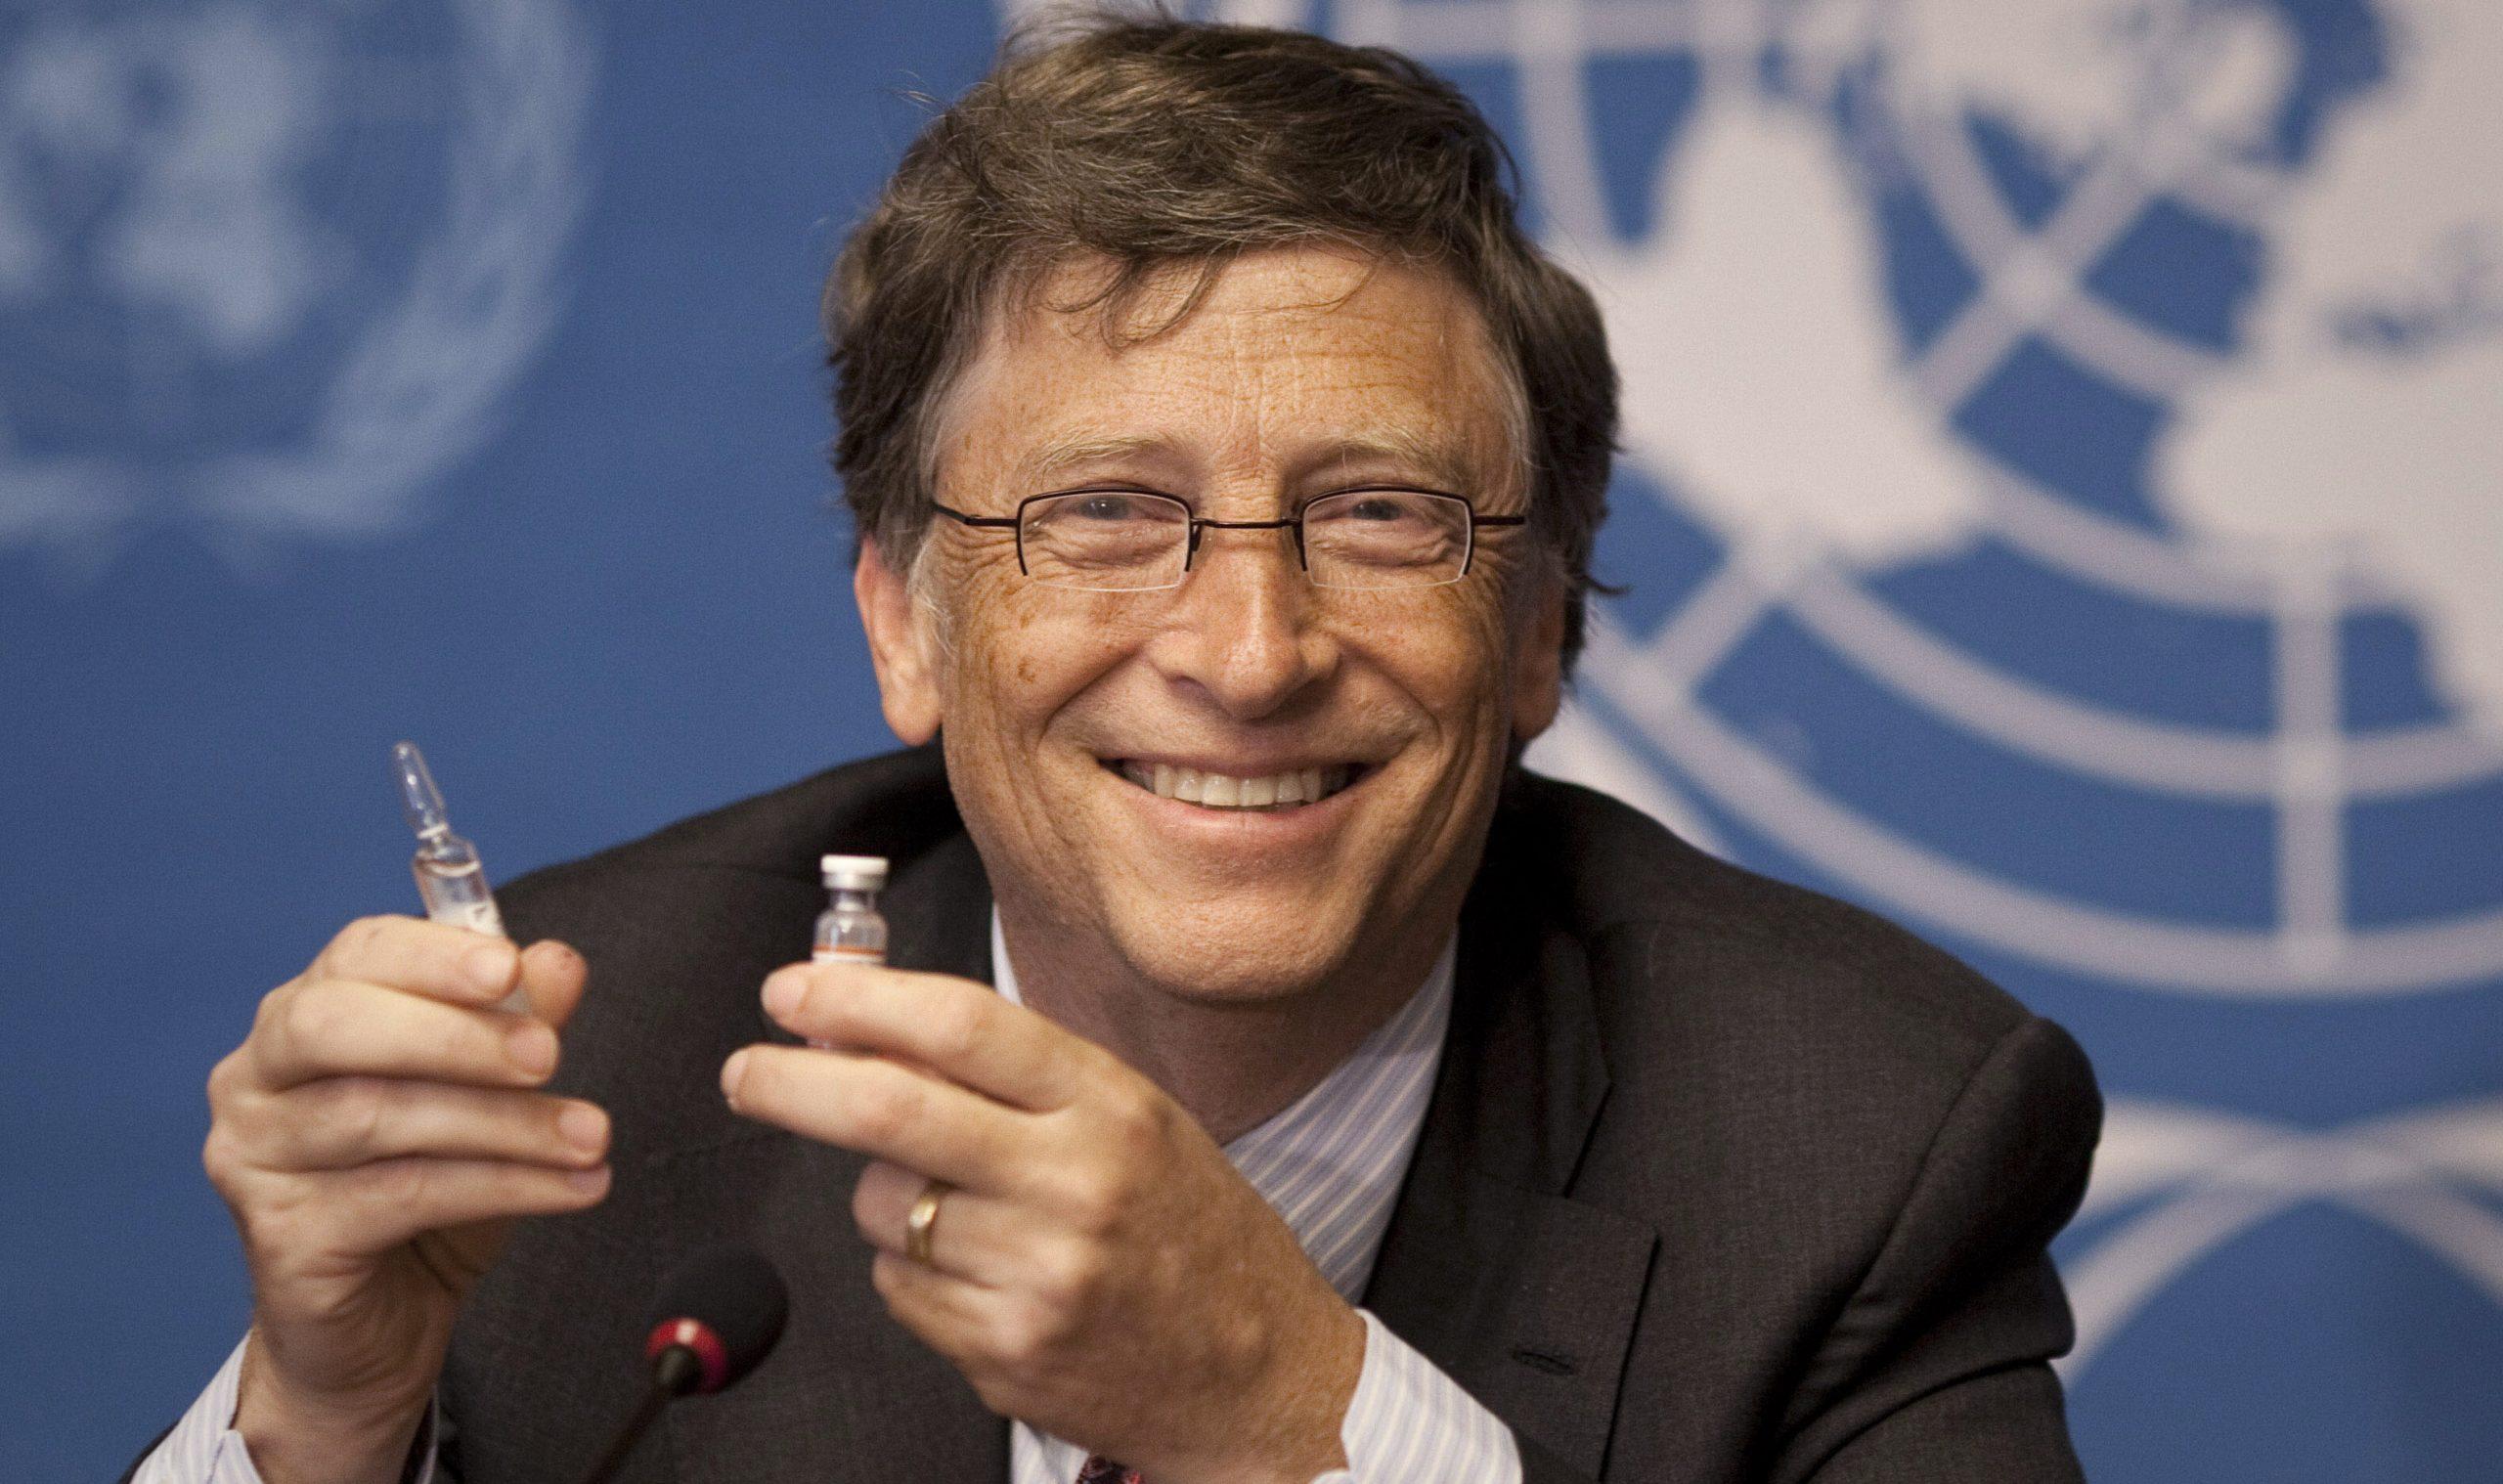 Bill Gates: Pentru următoarea pandemie vom dispune de fabrici-gigant care pot produce vaccinuri ARNm